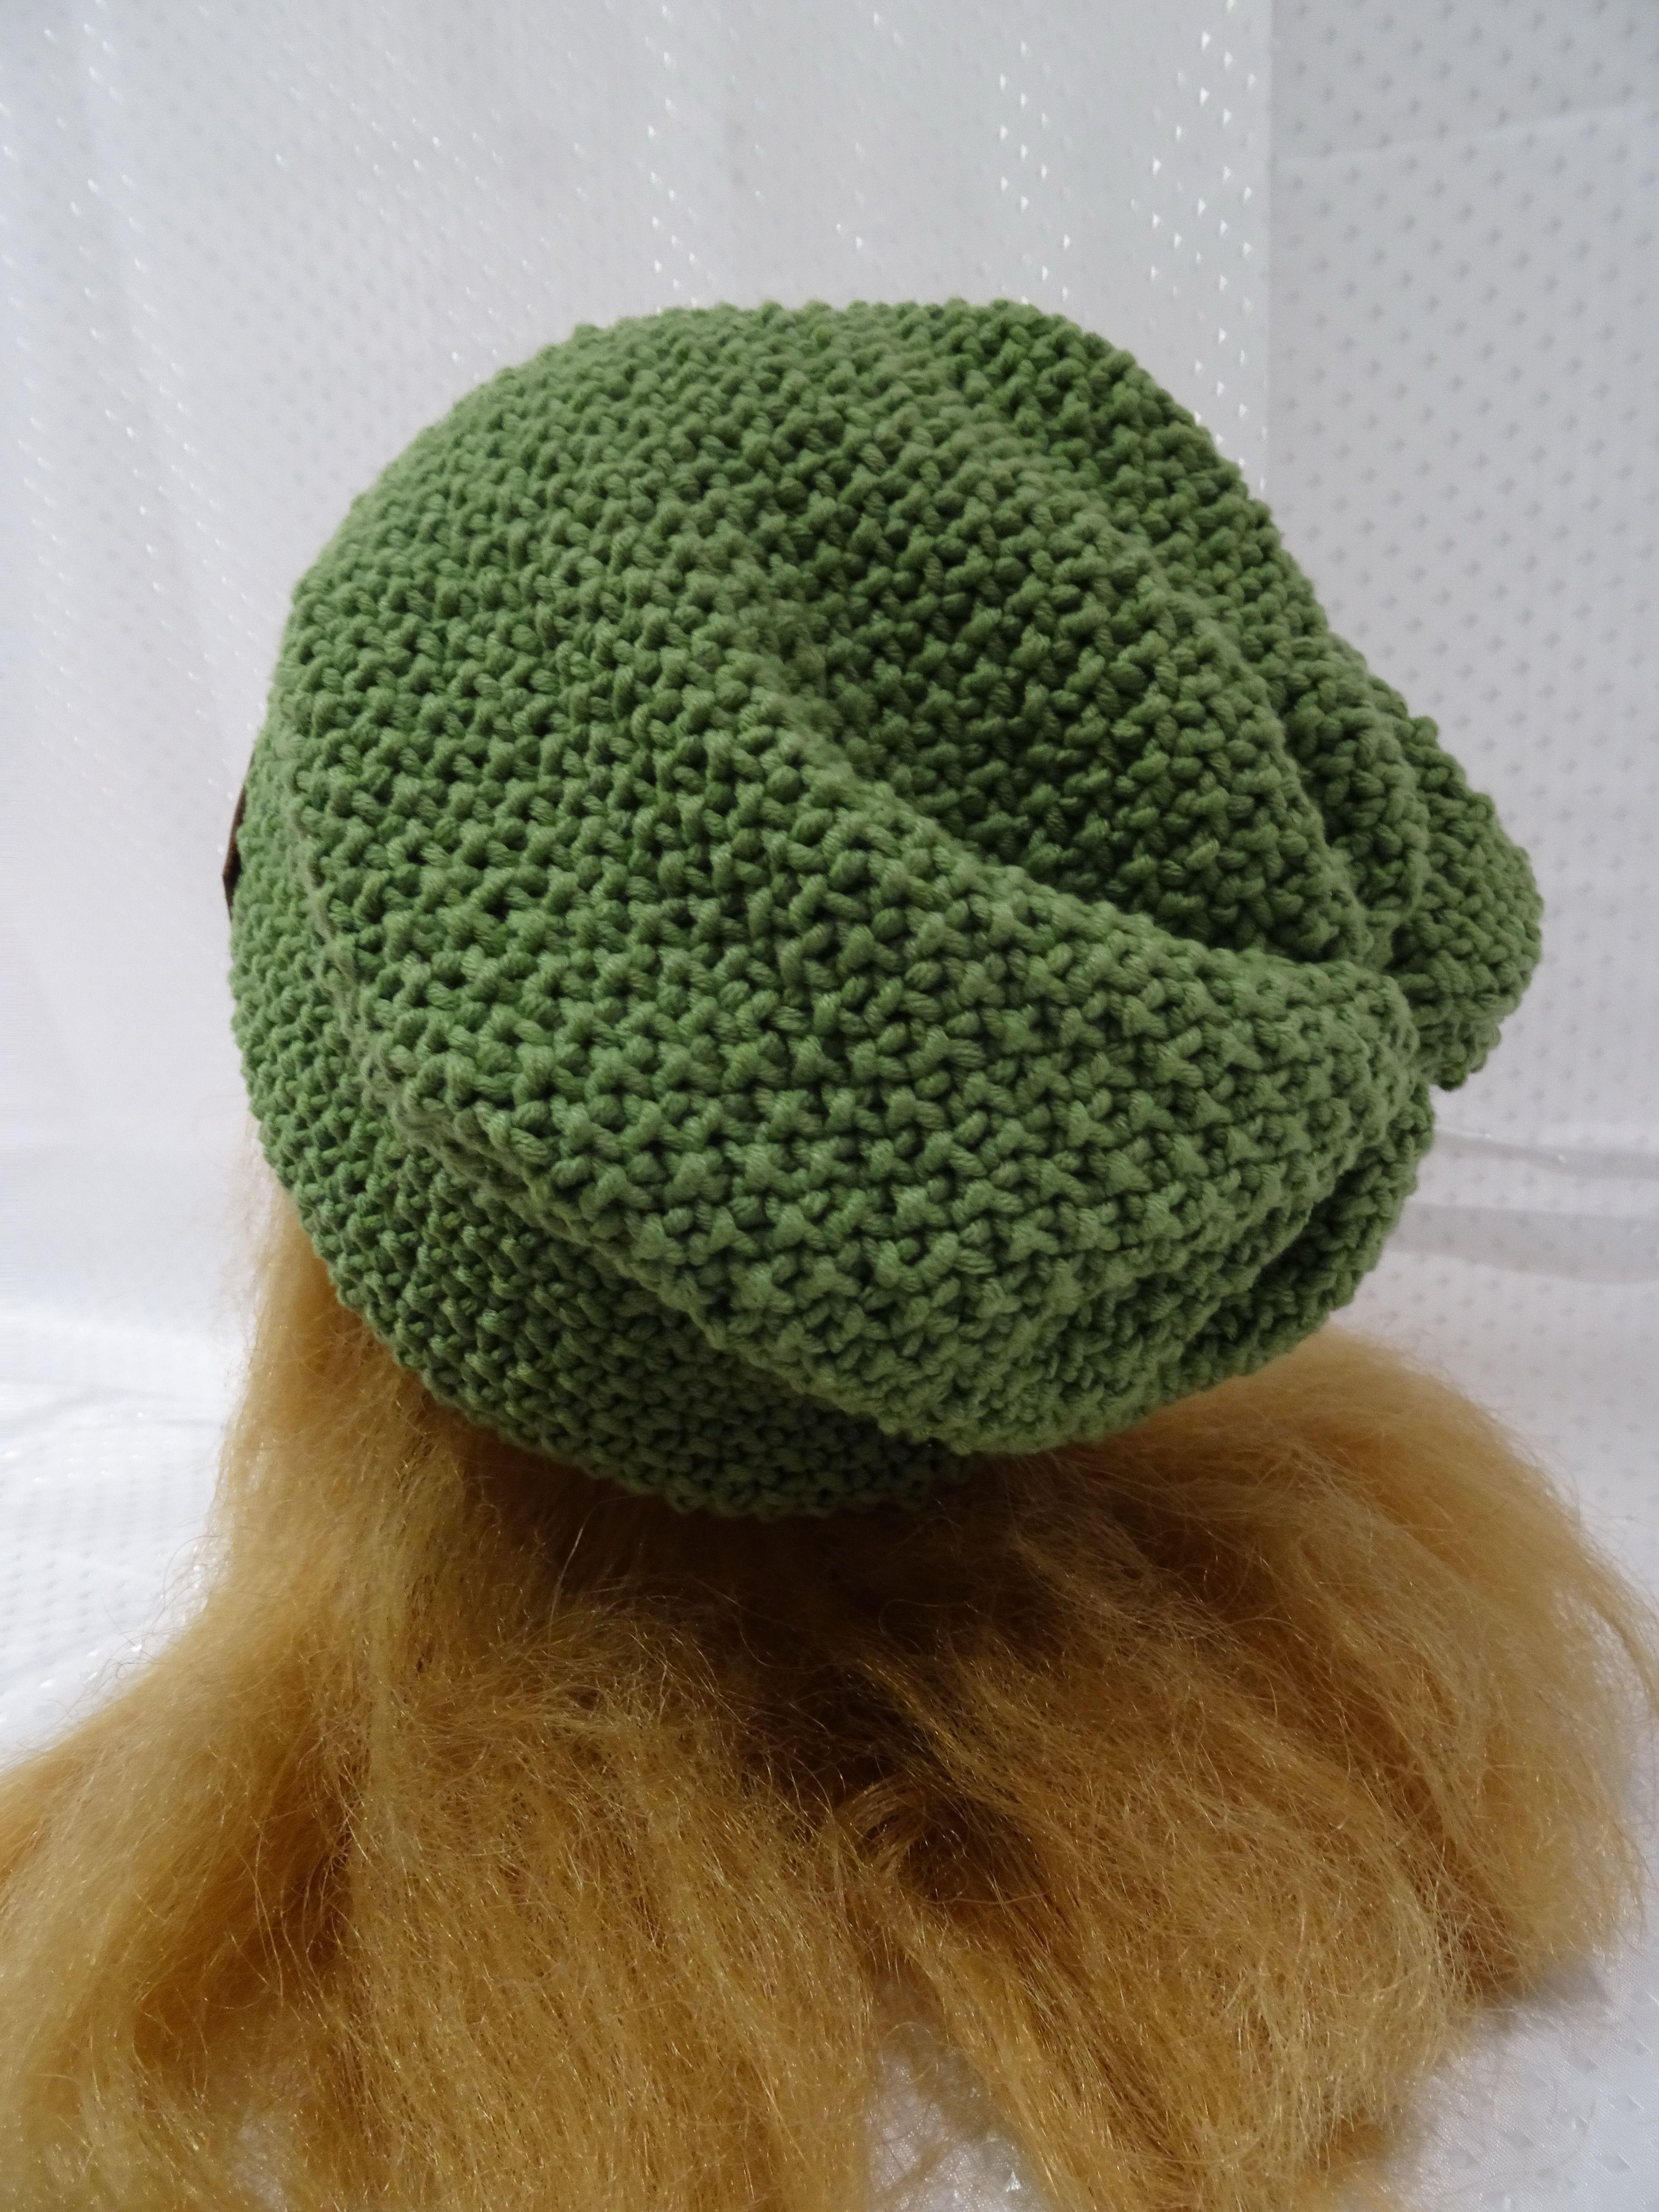 вязанаяшапка женскаяшапка шапканавесну шапкаизхлопка прикольнаяшапка шапка весенняяшапка аксессуар бини шапкабини